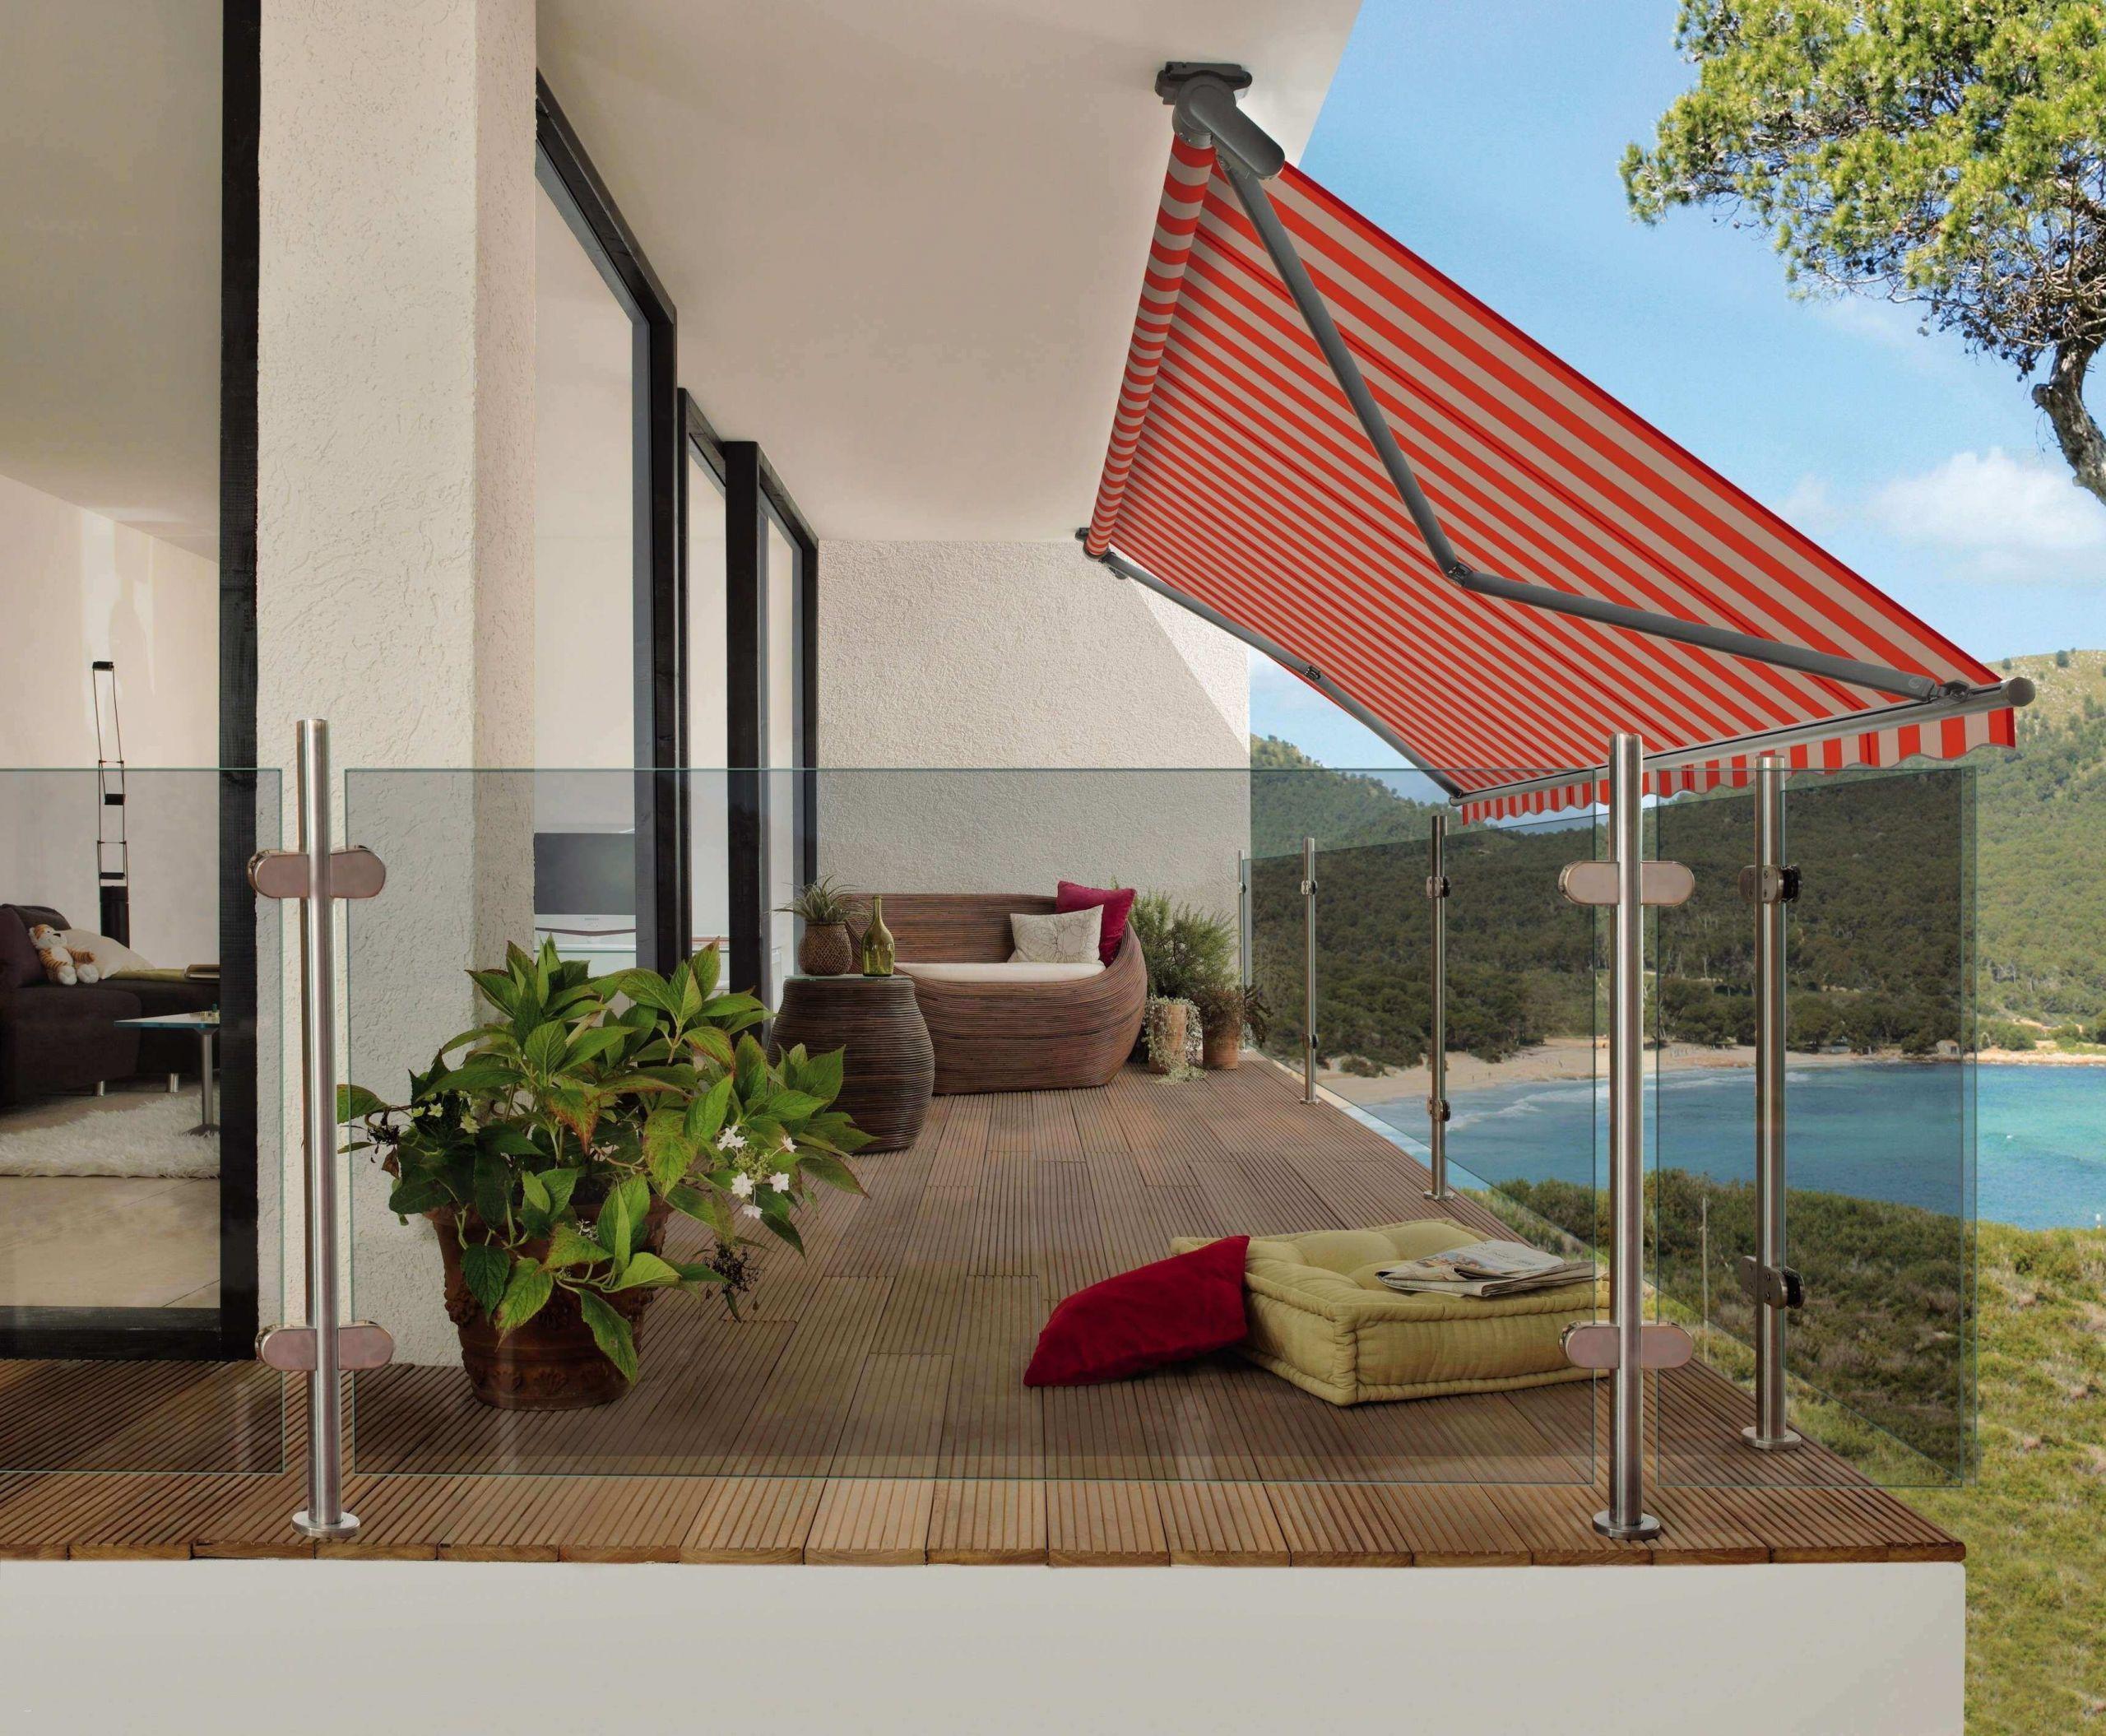 weinkisten deko garten frisch deko ideen sommer 30 wohnzimmer deko design von deko wand wohnzimmer of deko wand wohnzimmer